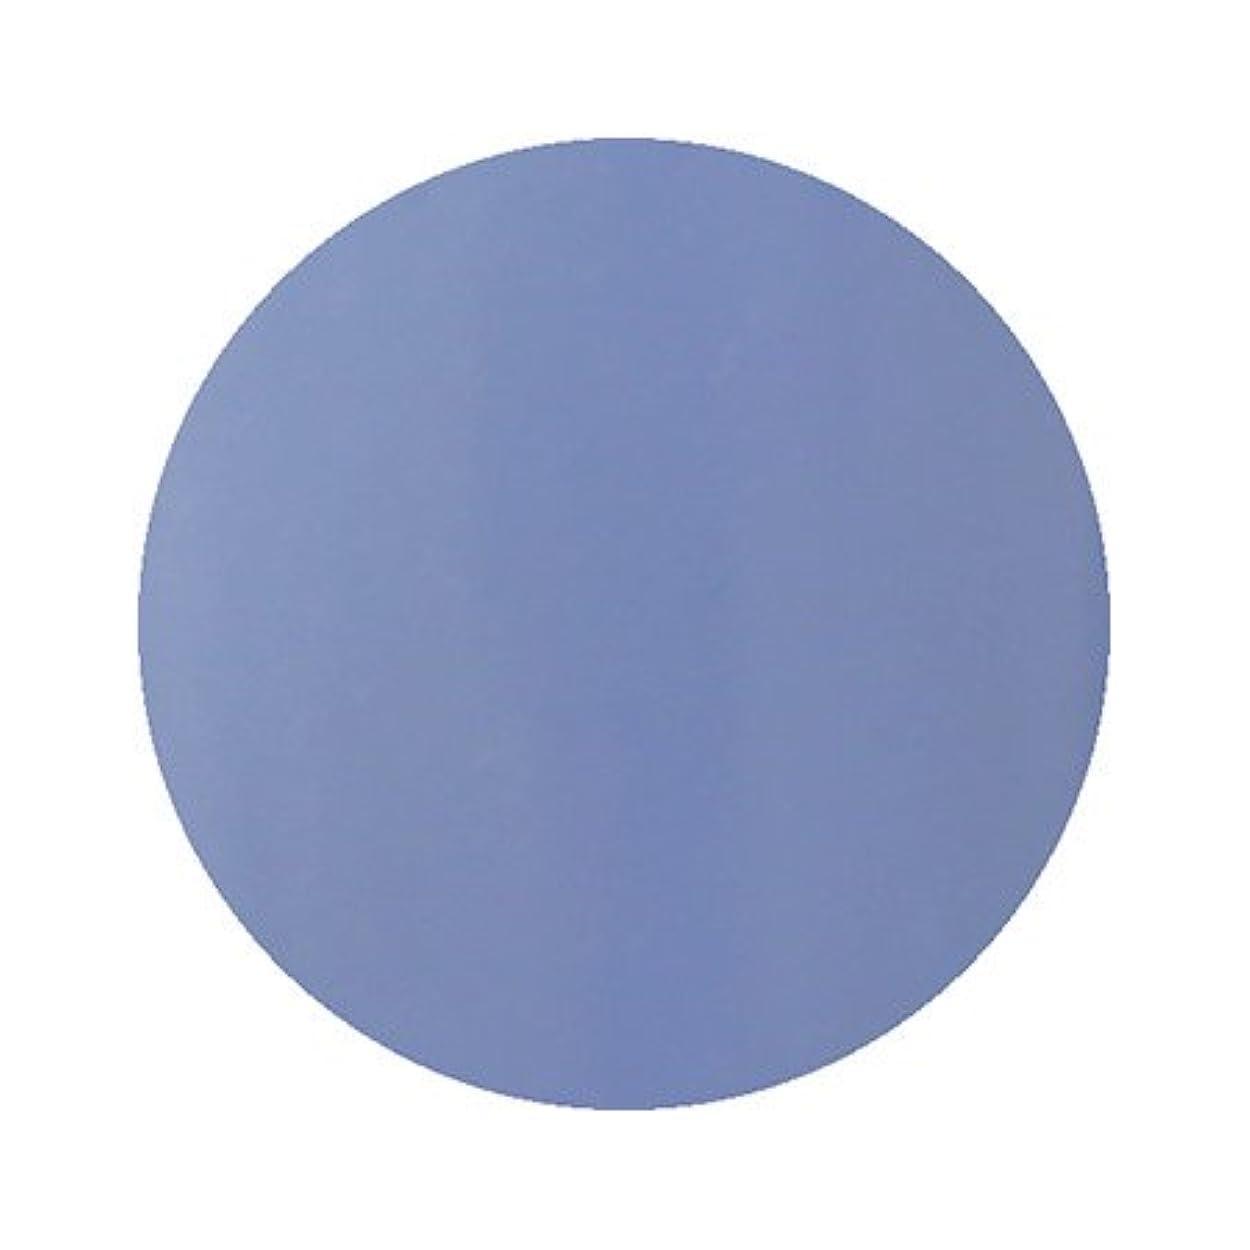 バルーン会話潤滑するパラポリッシュ ハイブリッドカラージェル M10 ラベンダーブルー 7g